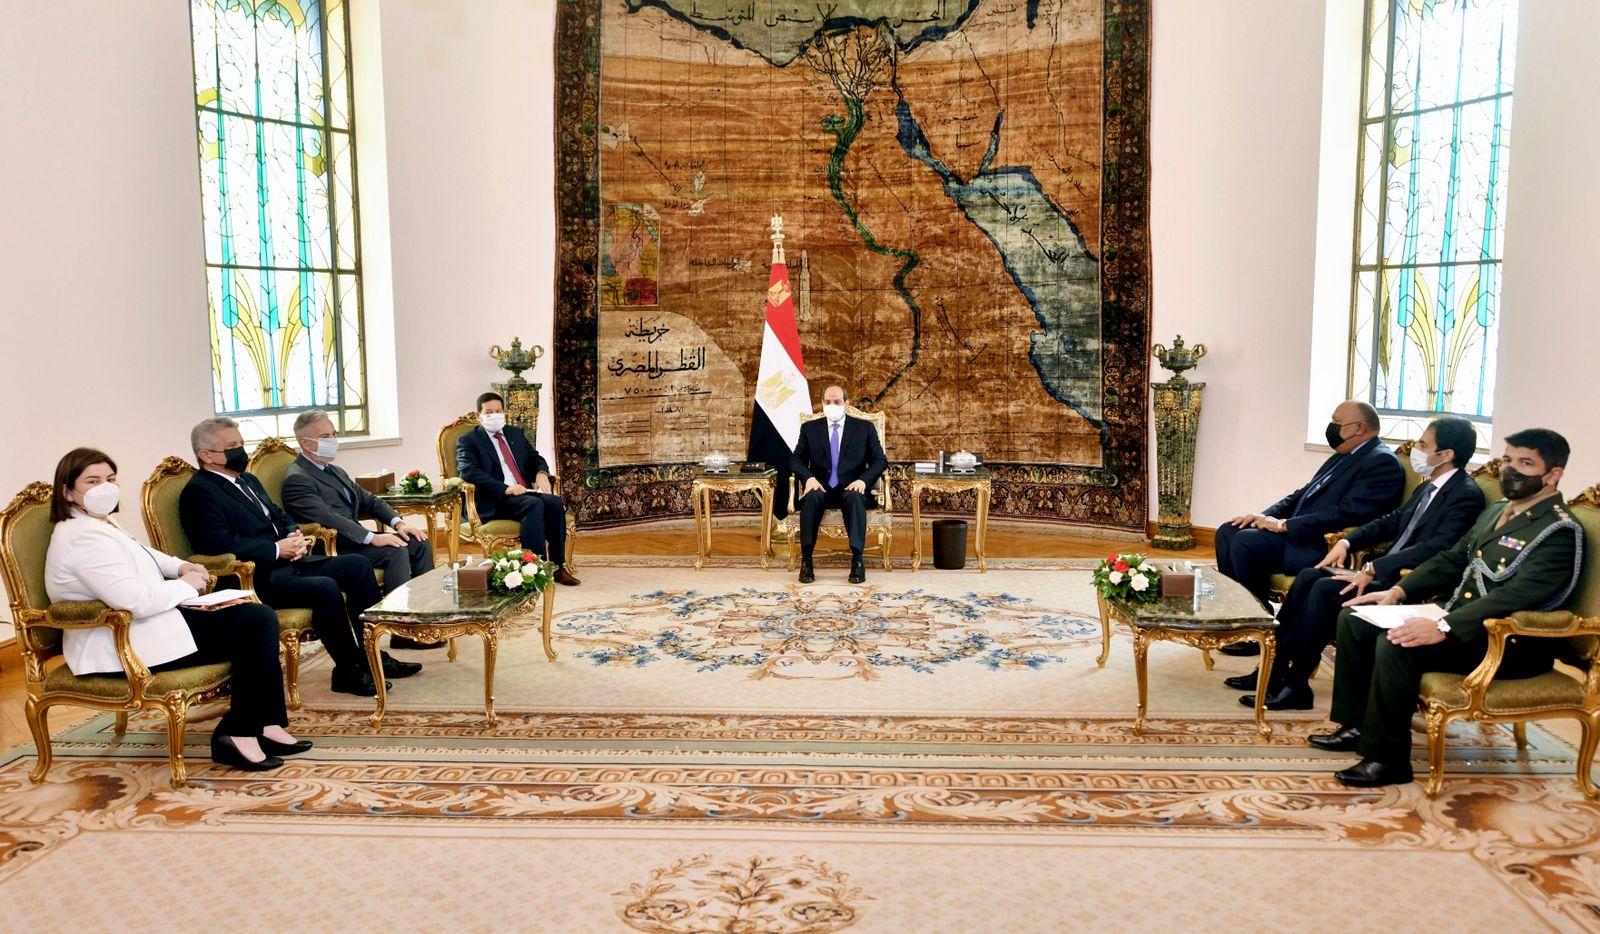 الرئيس السيسي يؤكد اعتزاز مصر بالعلاقات المتميزة التي تربطها بالبرازيل